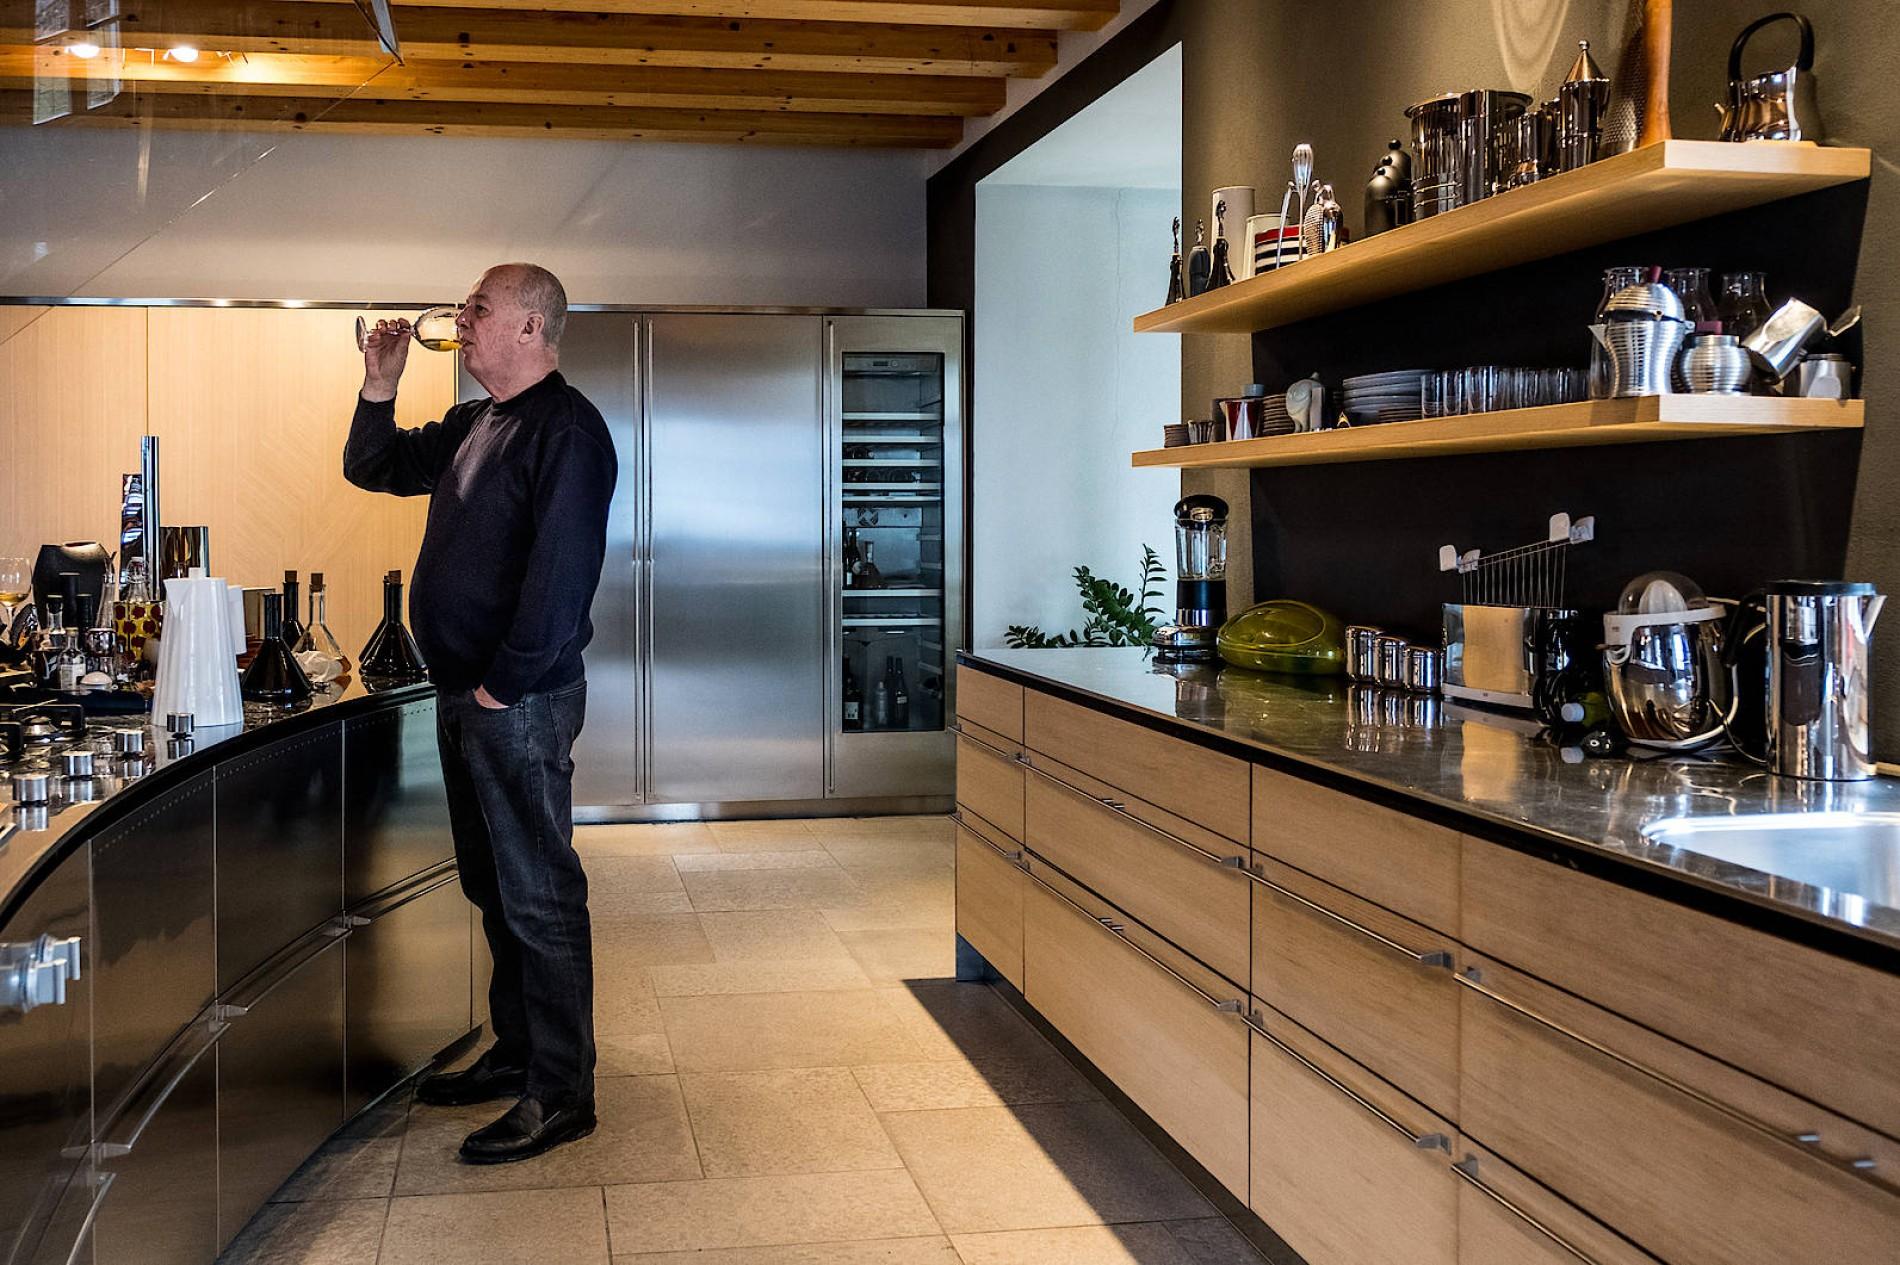 Niedlich Entwerfen Sie Meine Eigene Küche Frei Bilder - Ideen Für ...